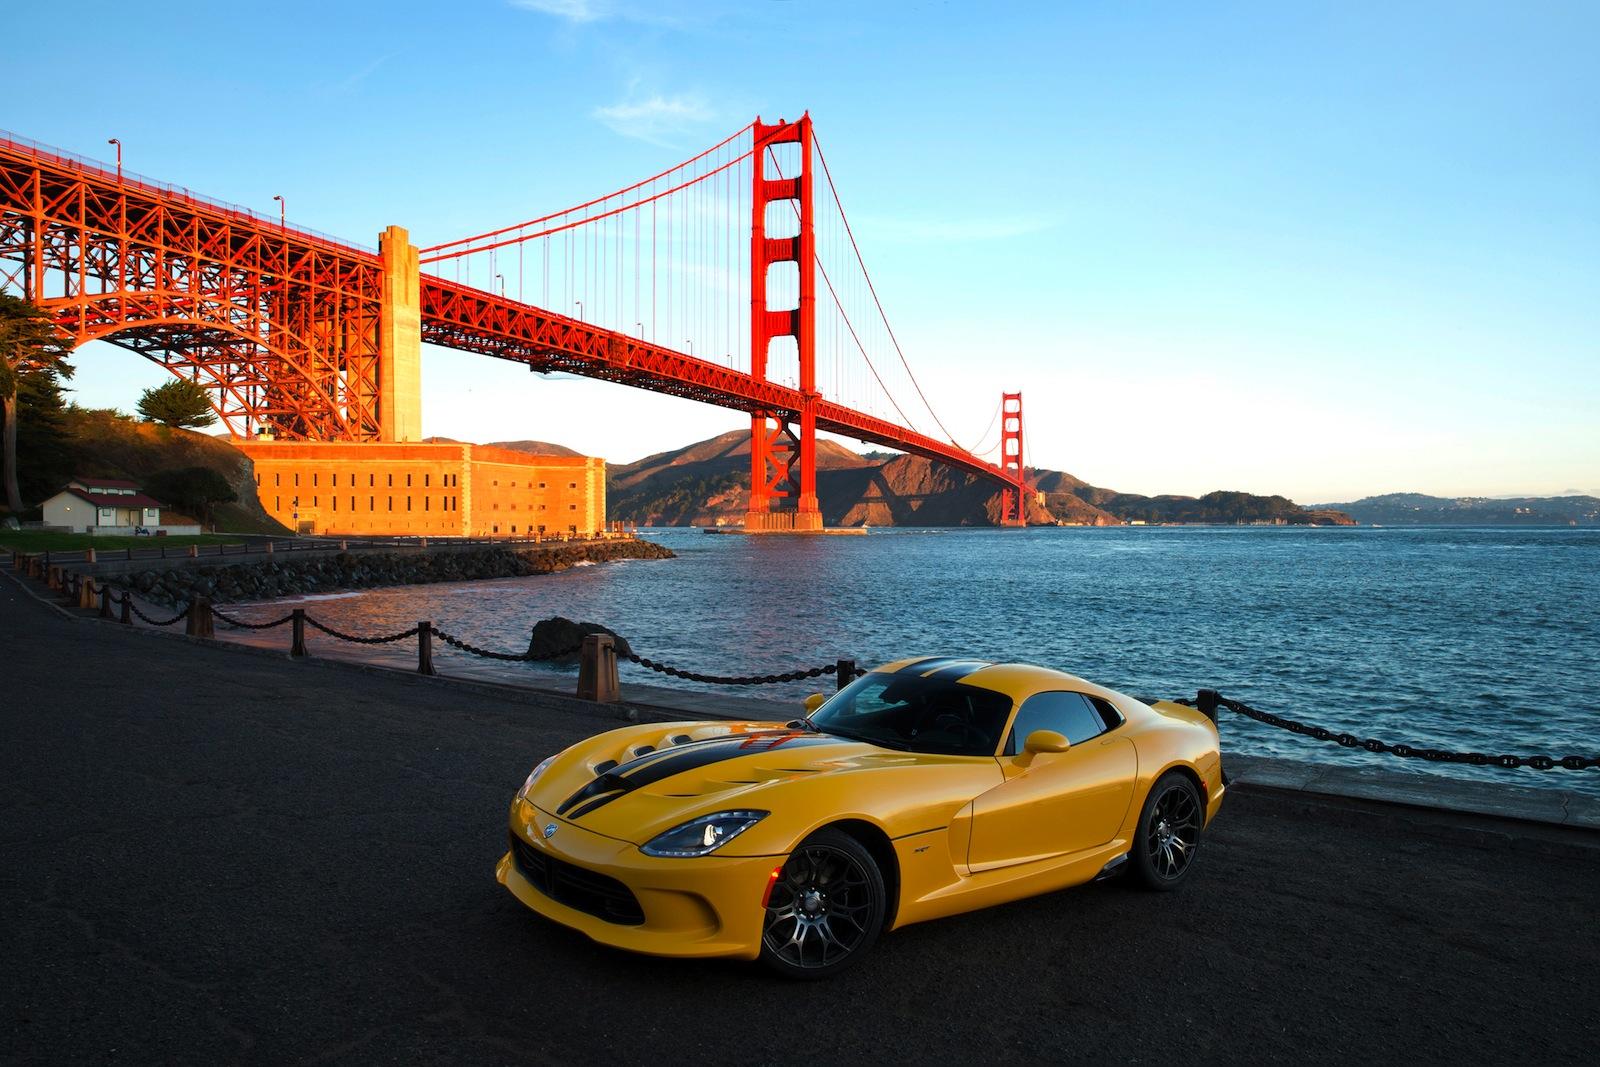 2013 SRT Viper - image: Chrysler Group LLC